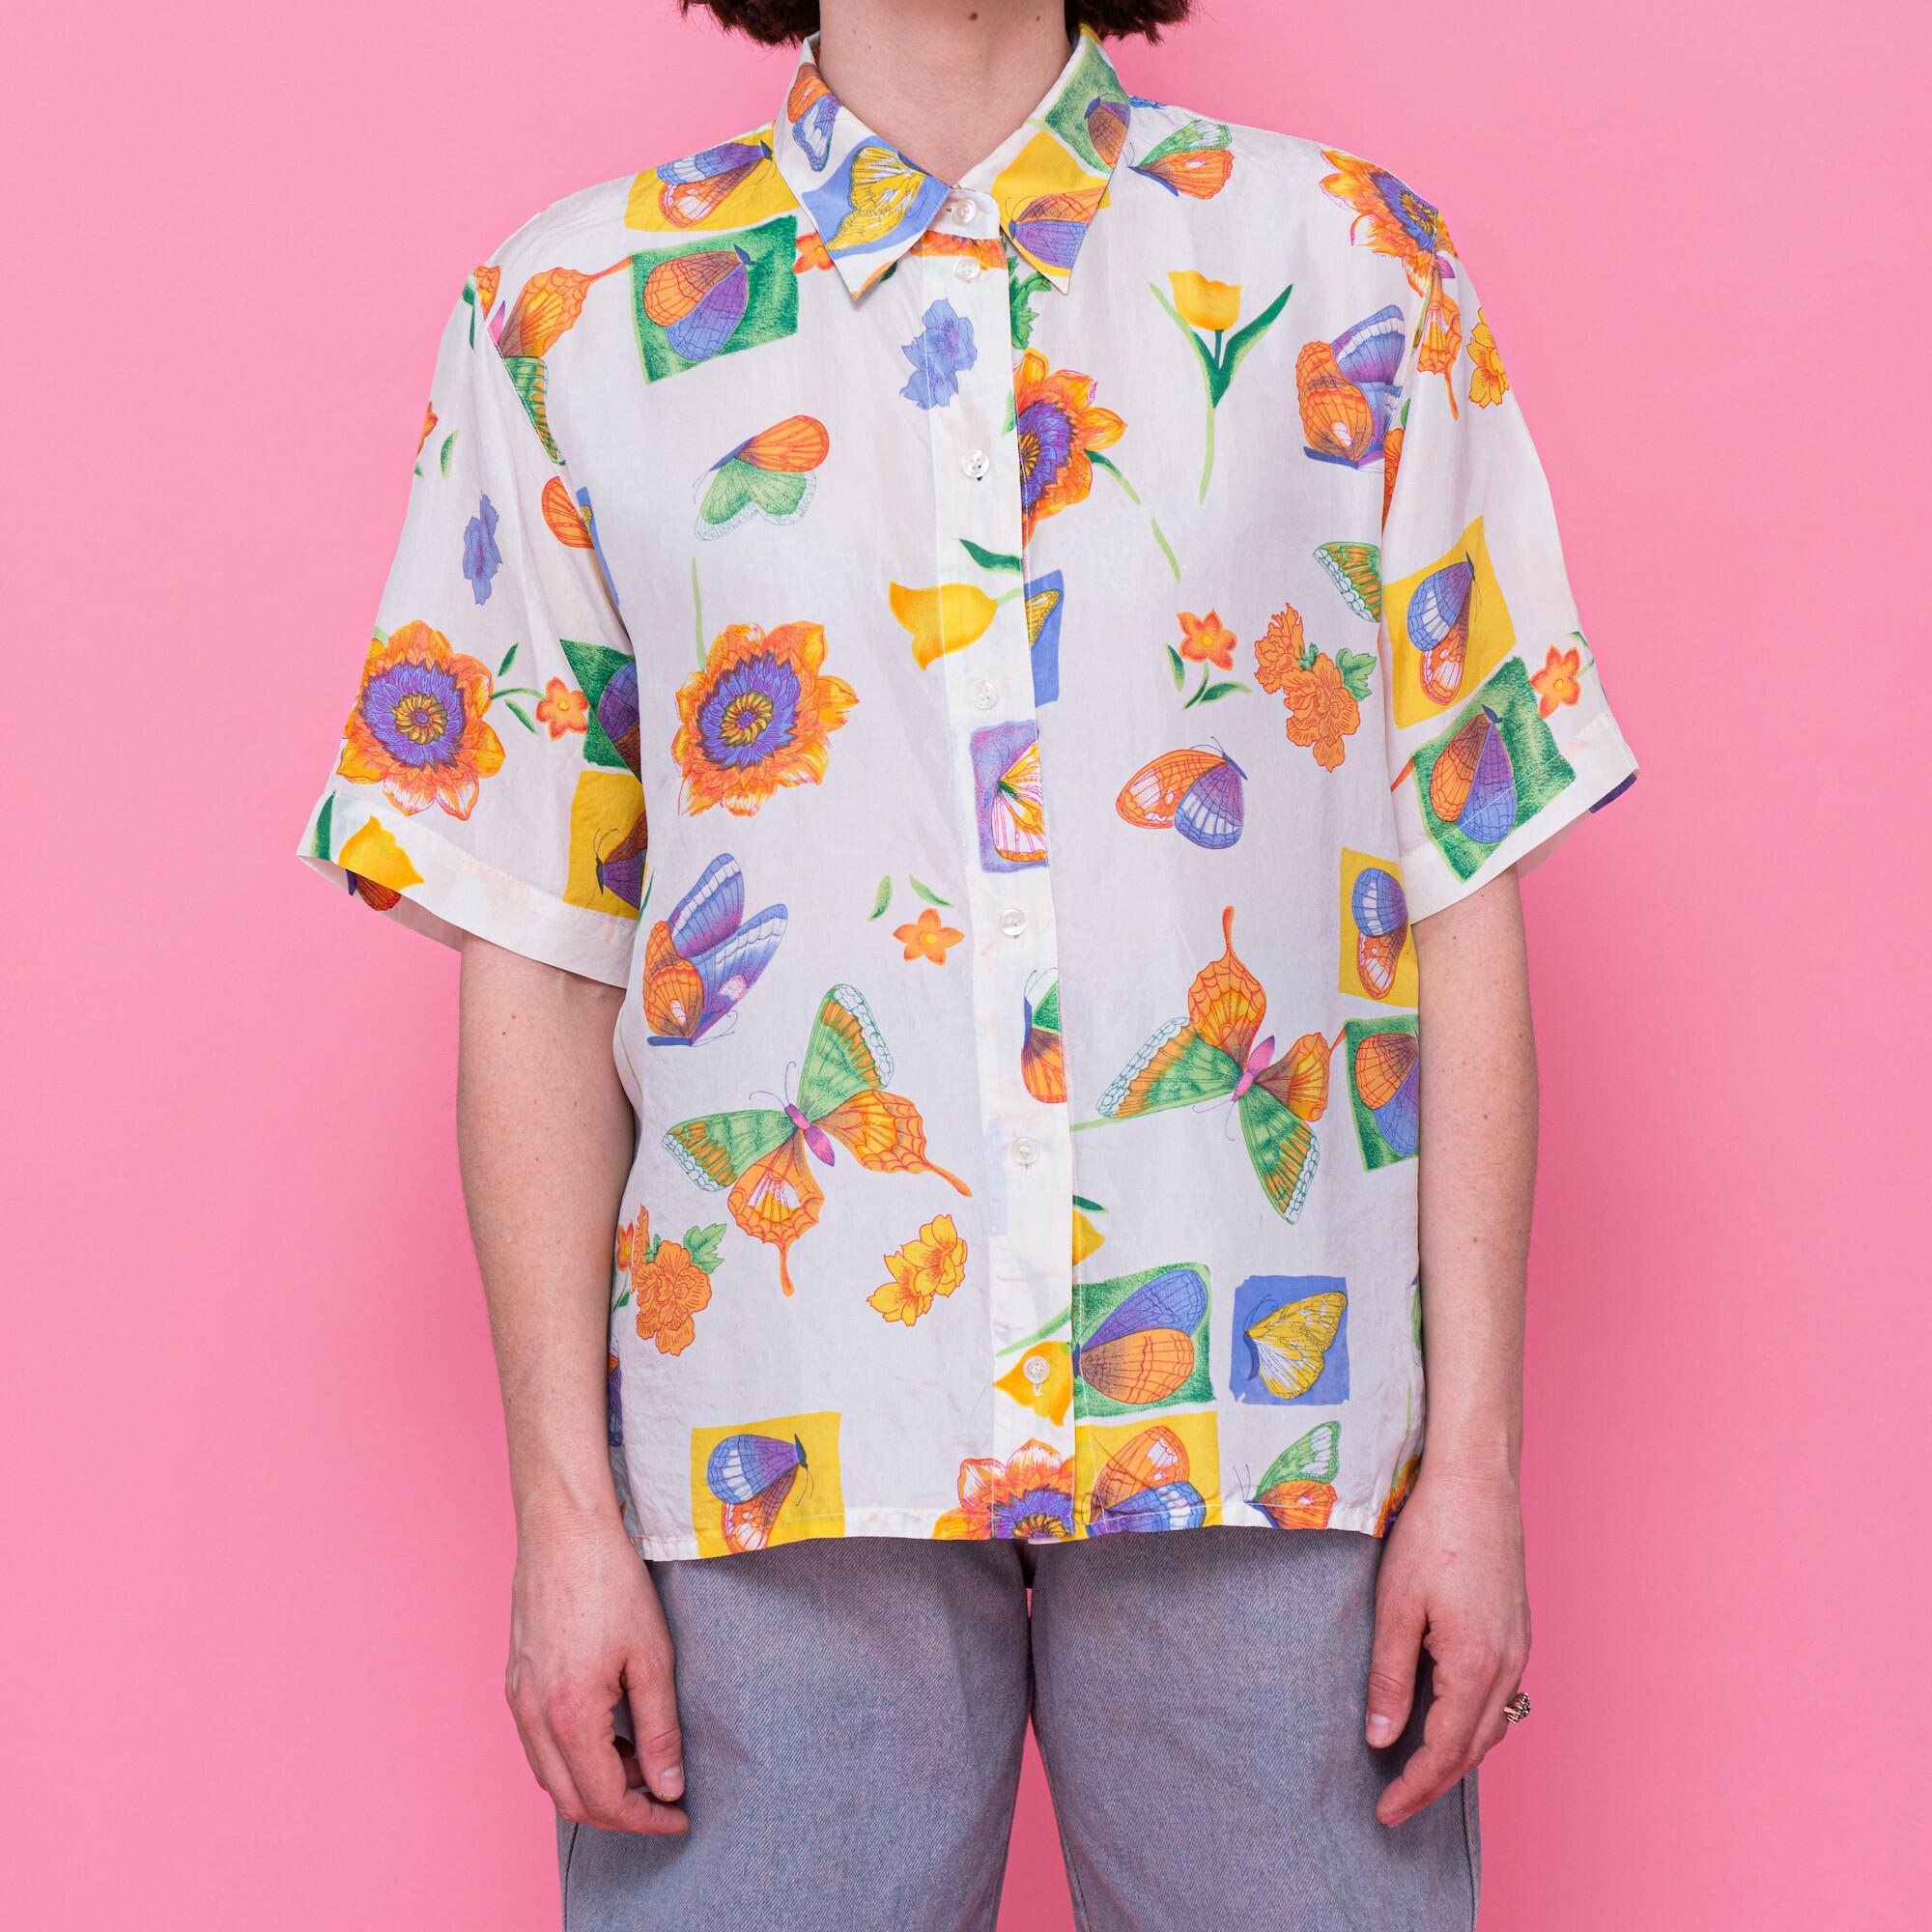 Koszula z jedwabiu w motyle - KEX Vintage Store | JestemSlow.pl